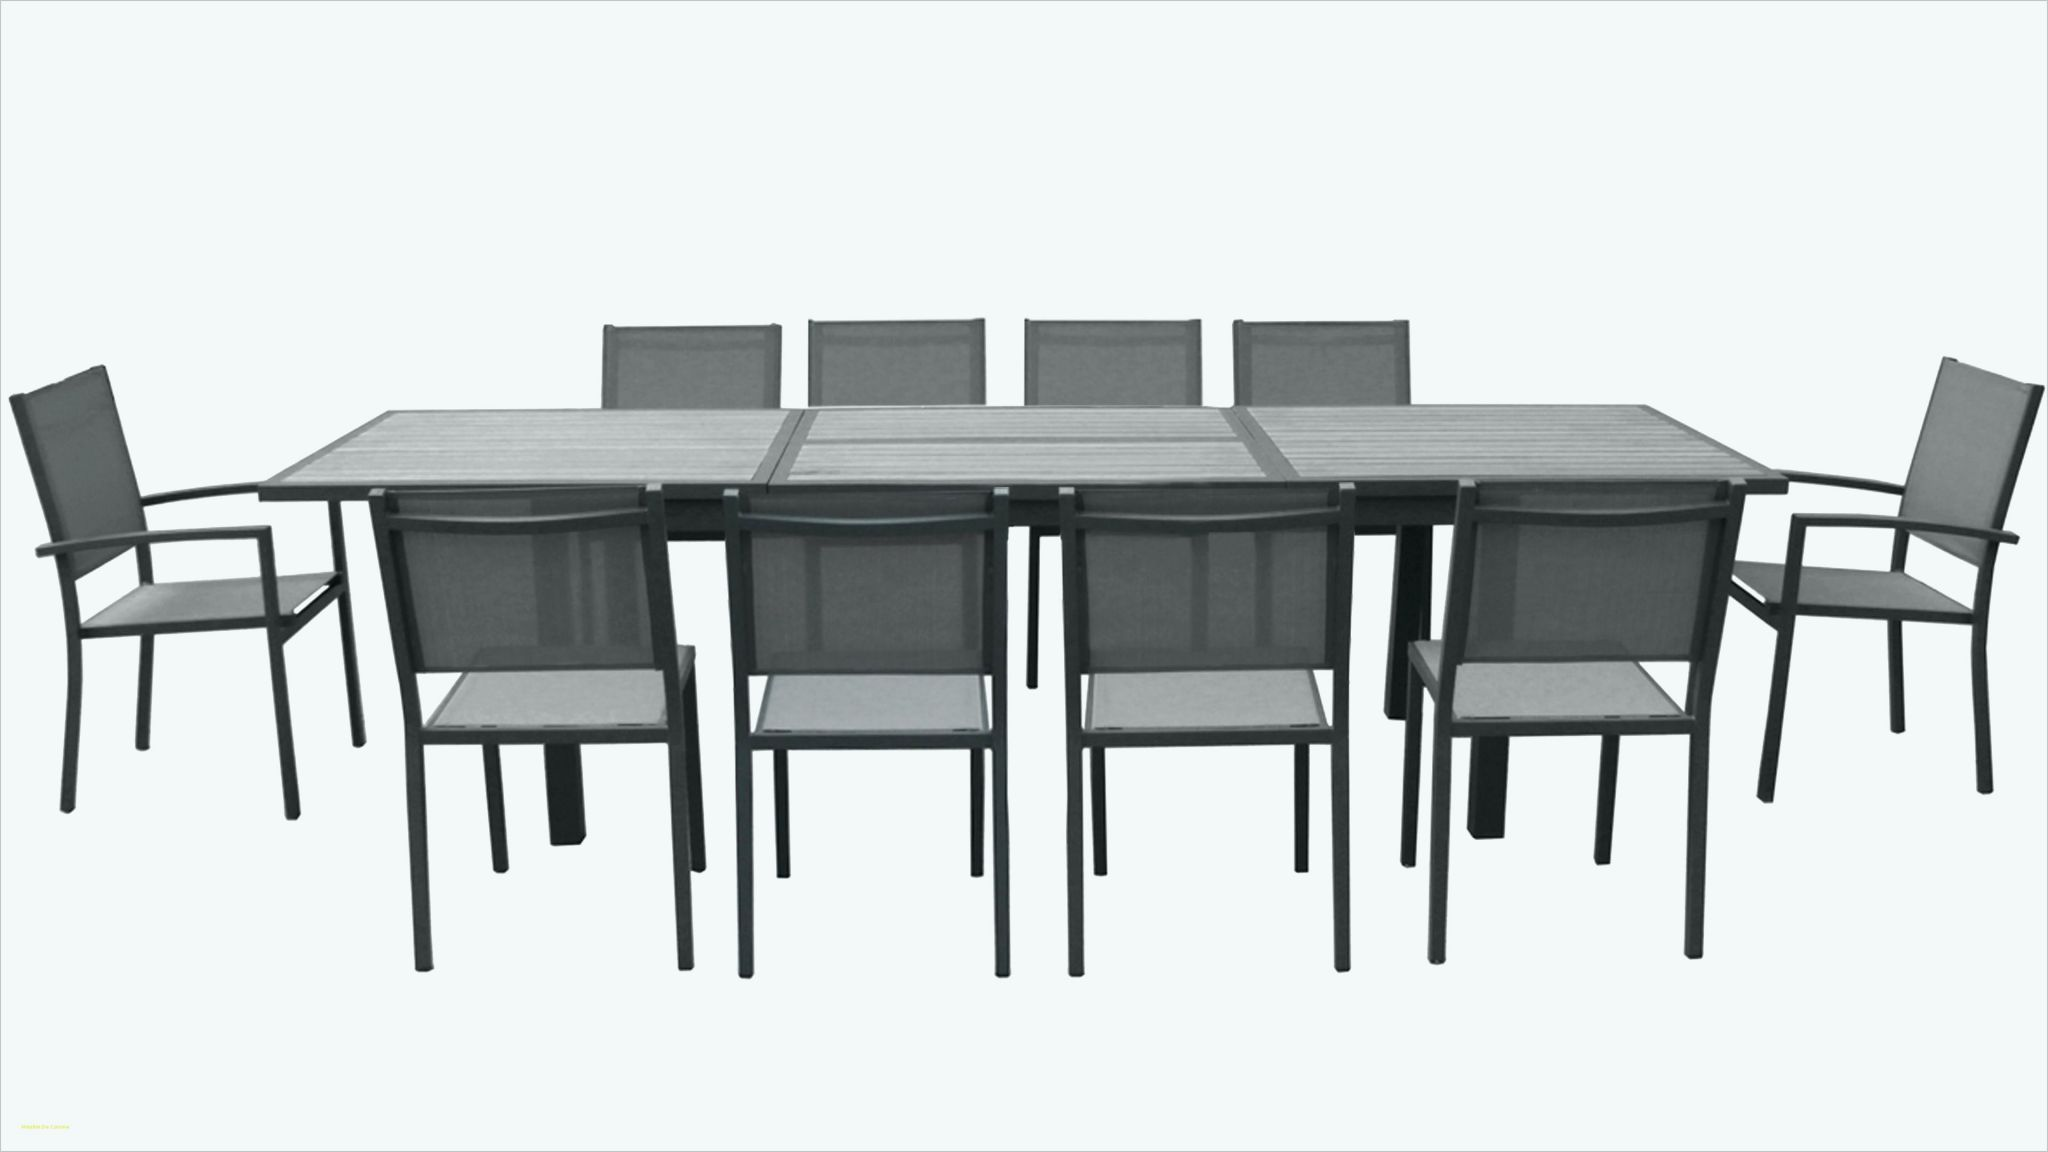 table de jardin aluminium extensible castorama ou castorama chaise pliante genial fauteuil de jardin castorama perfect de table de jardin aluminium extensible castorama